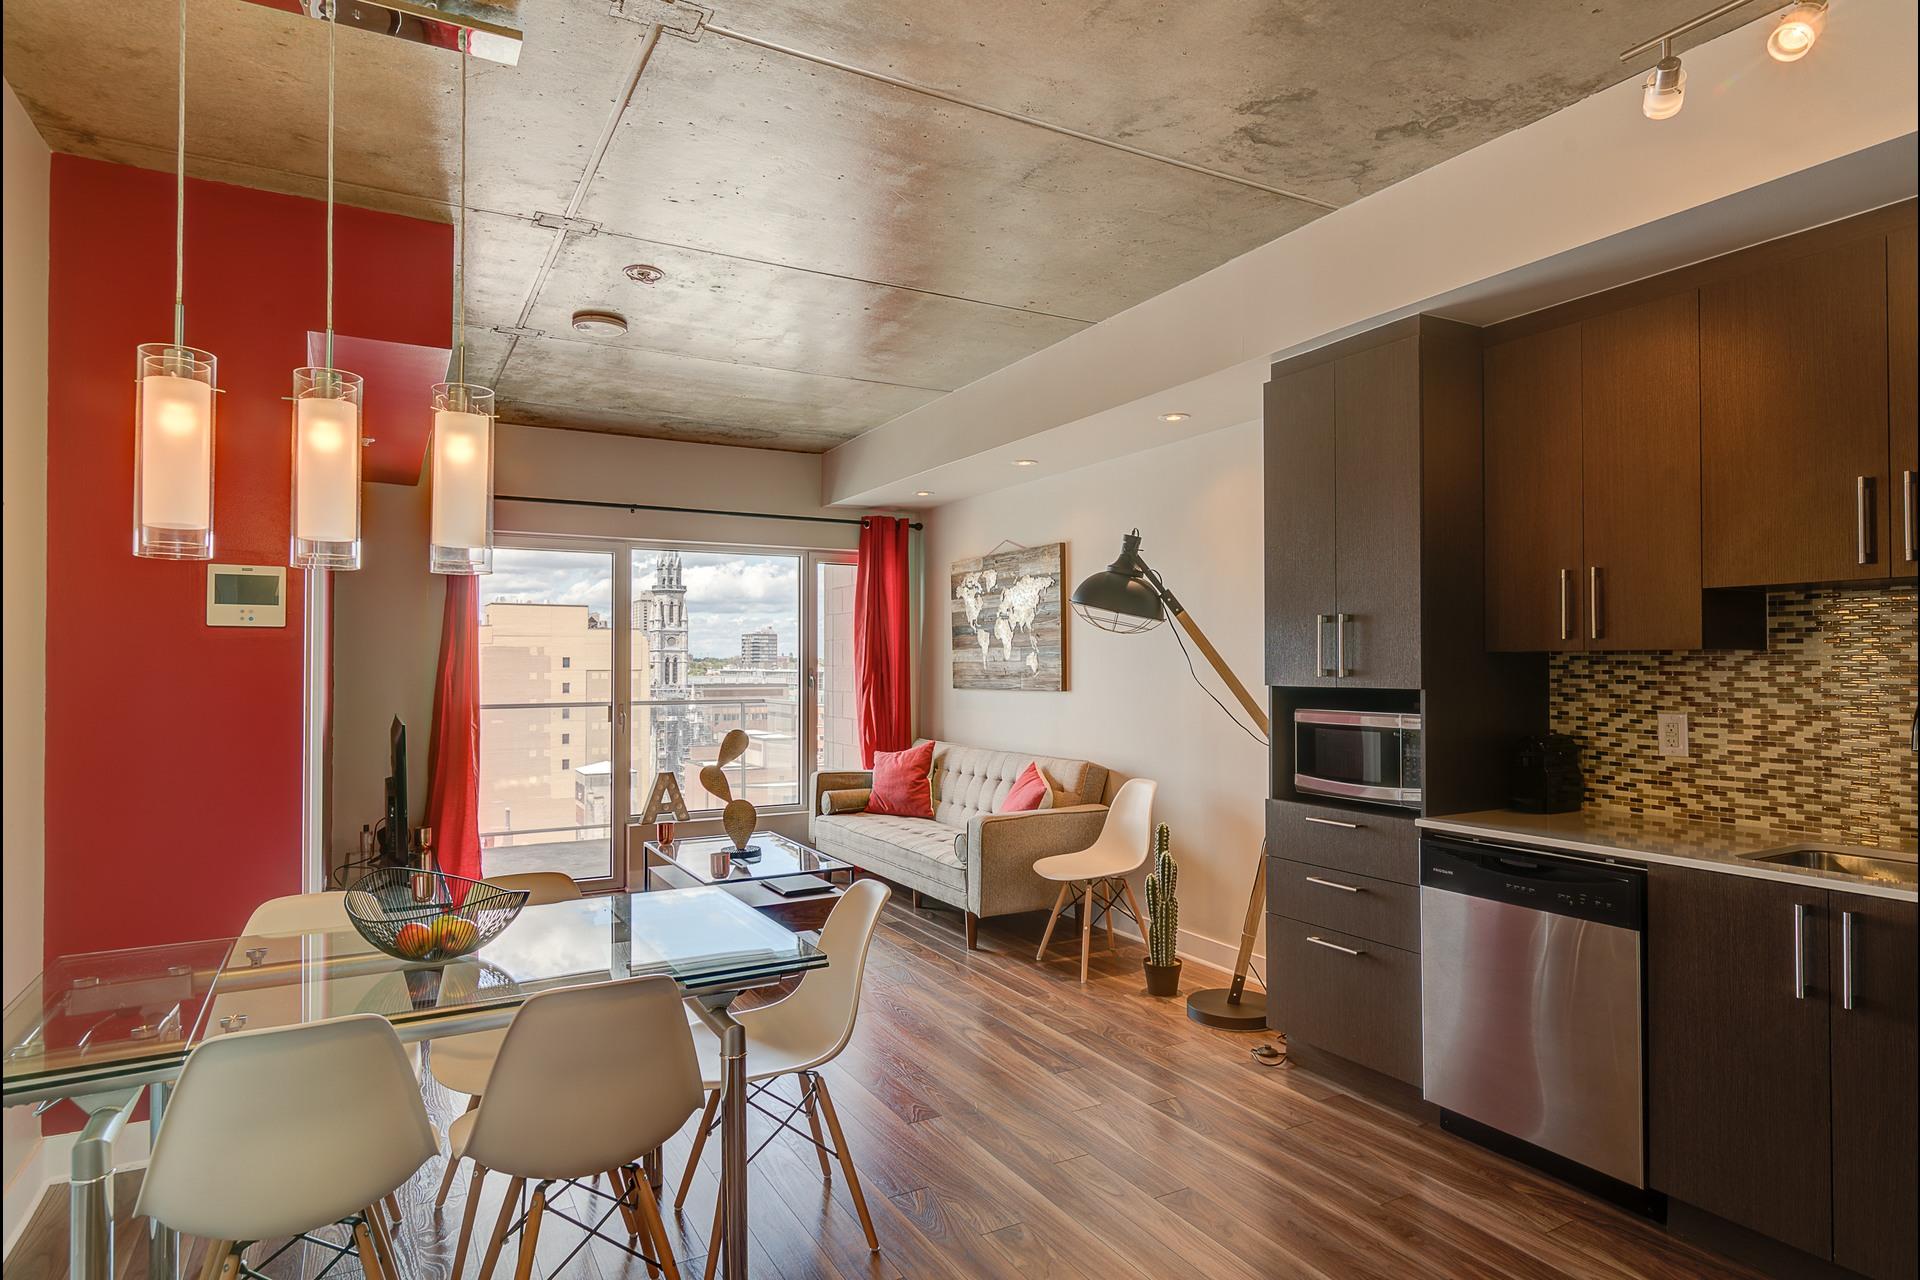 image 3 - Condo For rent Montréal - 3 rooms